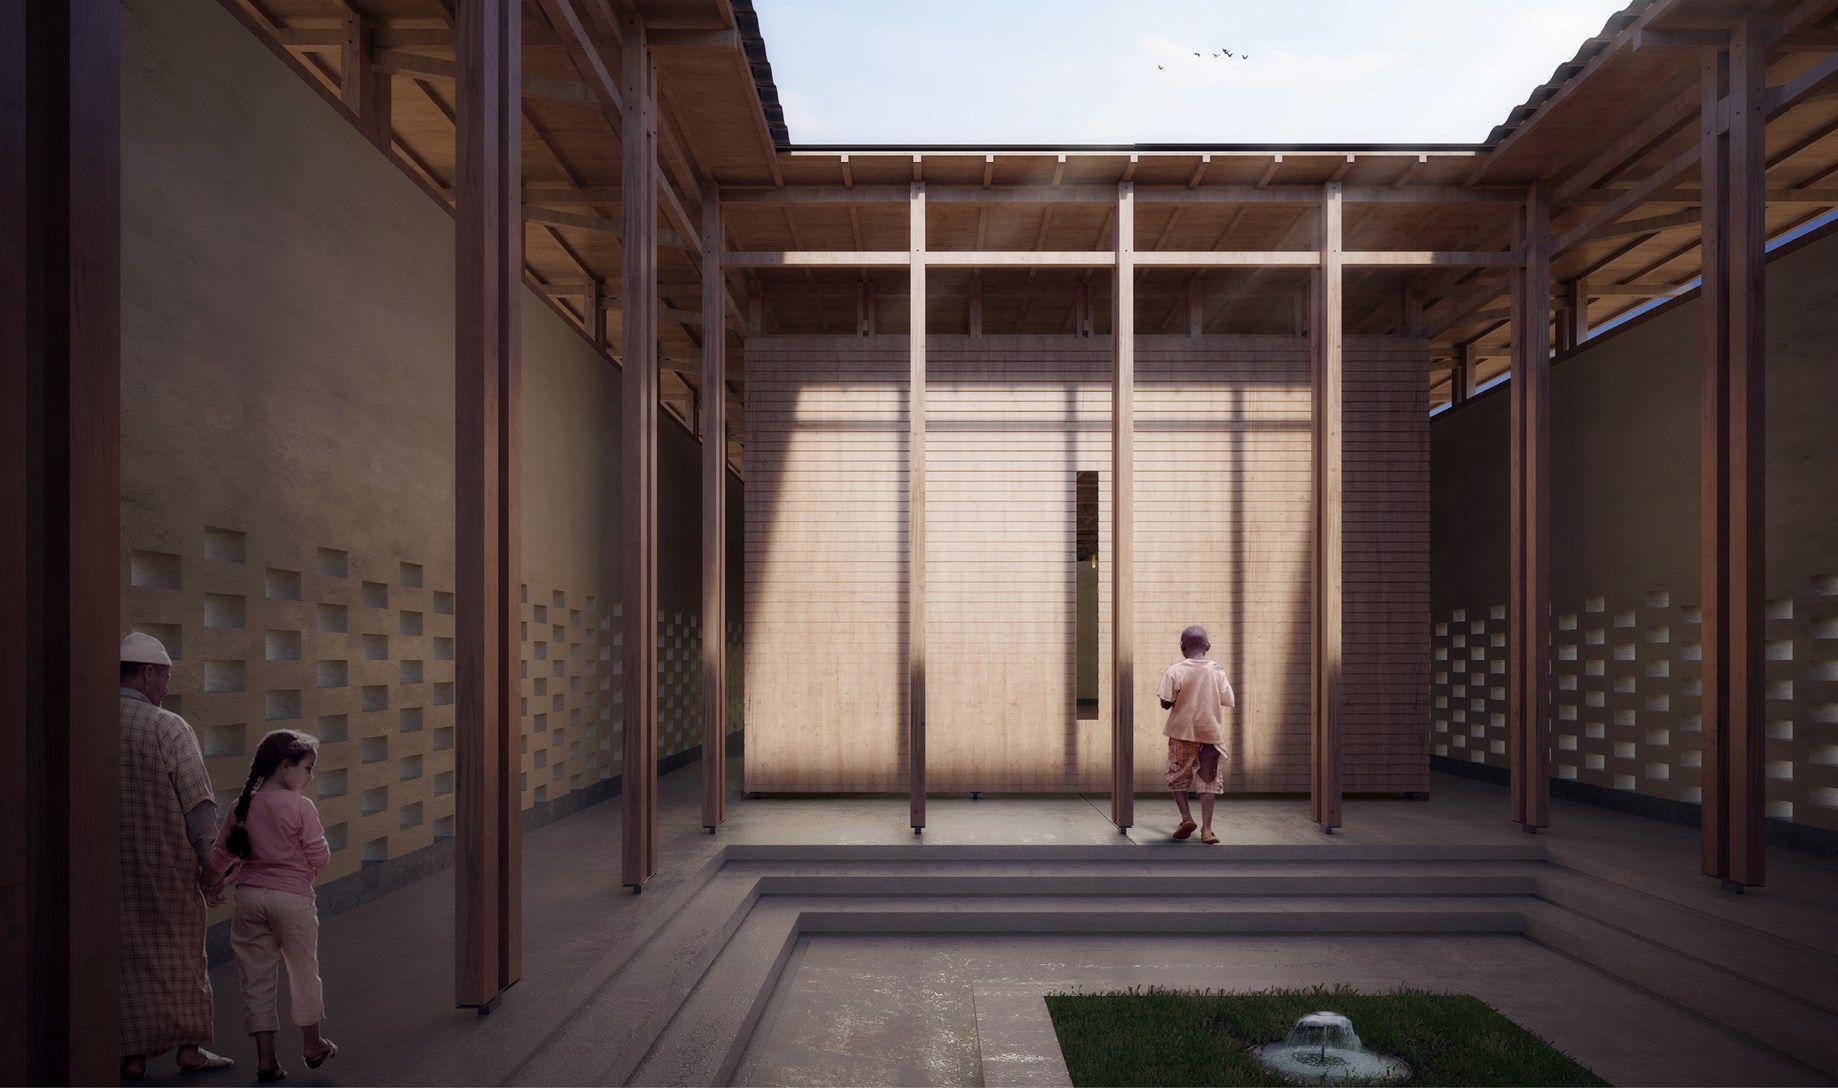 Progetto vincitore Kaira Looro Competition Peace Pavilion – Edizione 2019